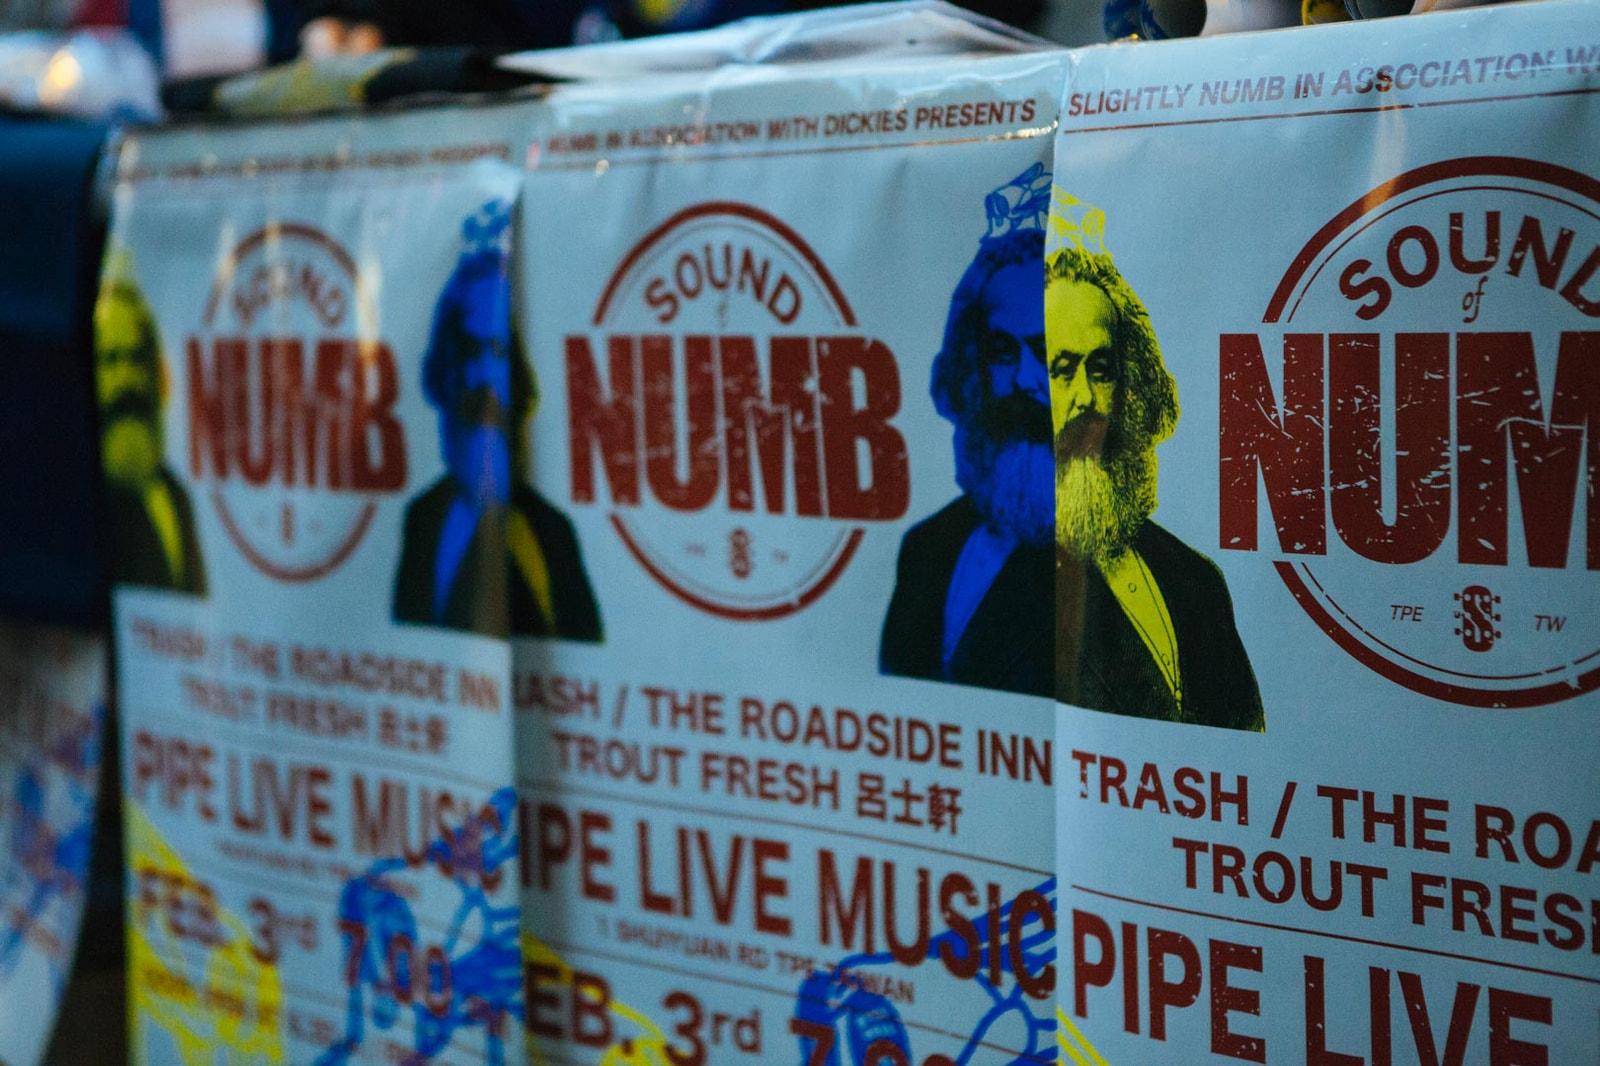 Slightly Numb & Dickies 主理人講述「SOUND of NUMB」背後動機